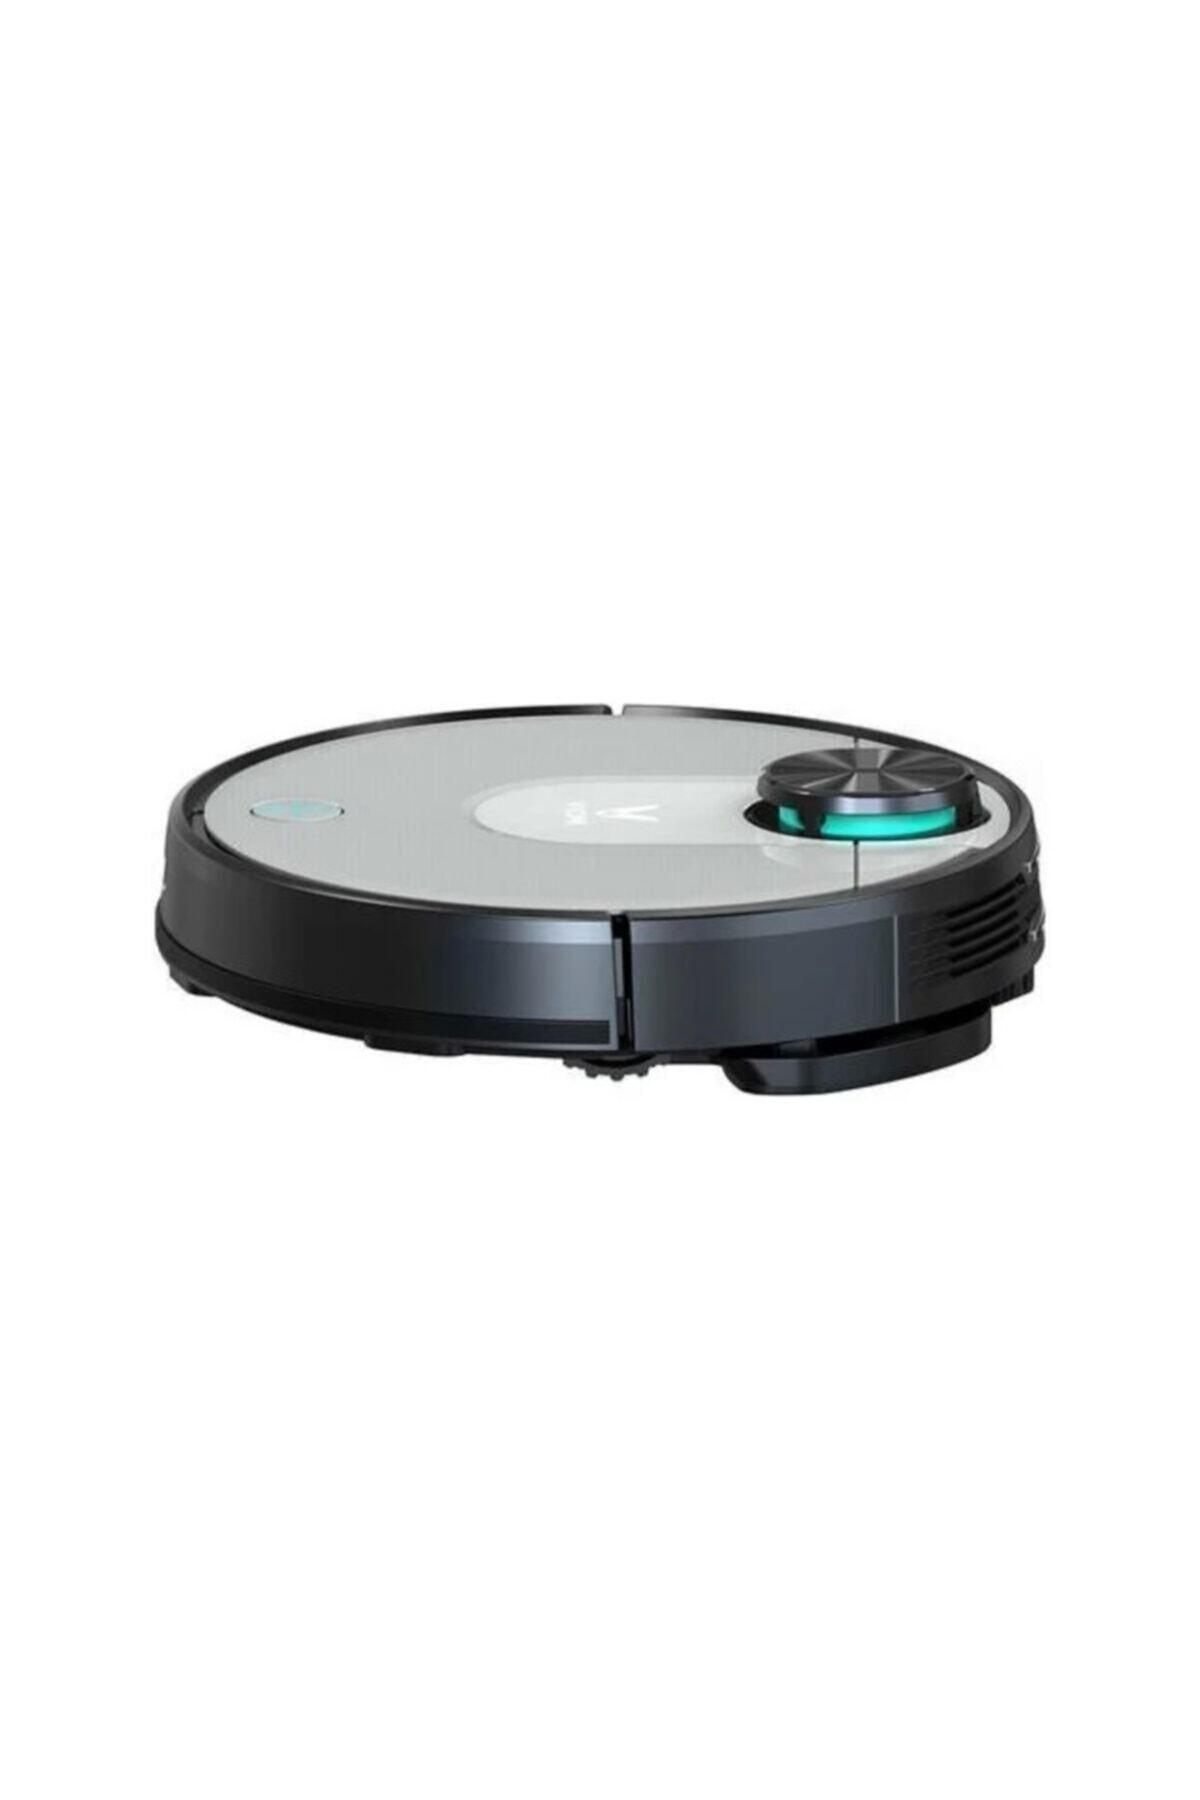 Viomi V2 Pro Akıllı Robot Süpürge 2